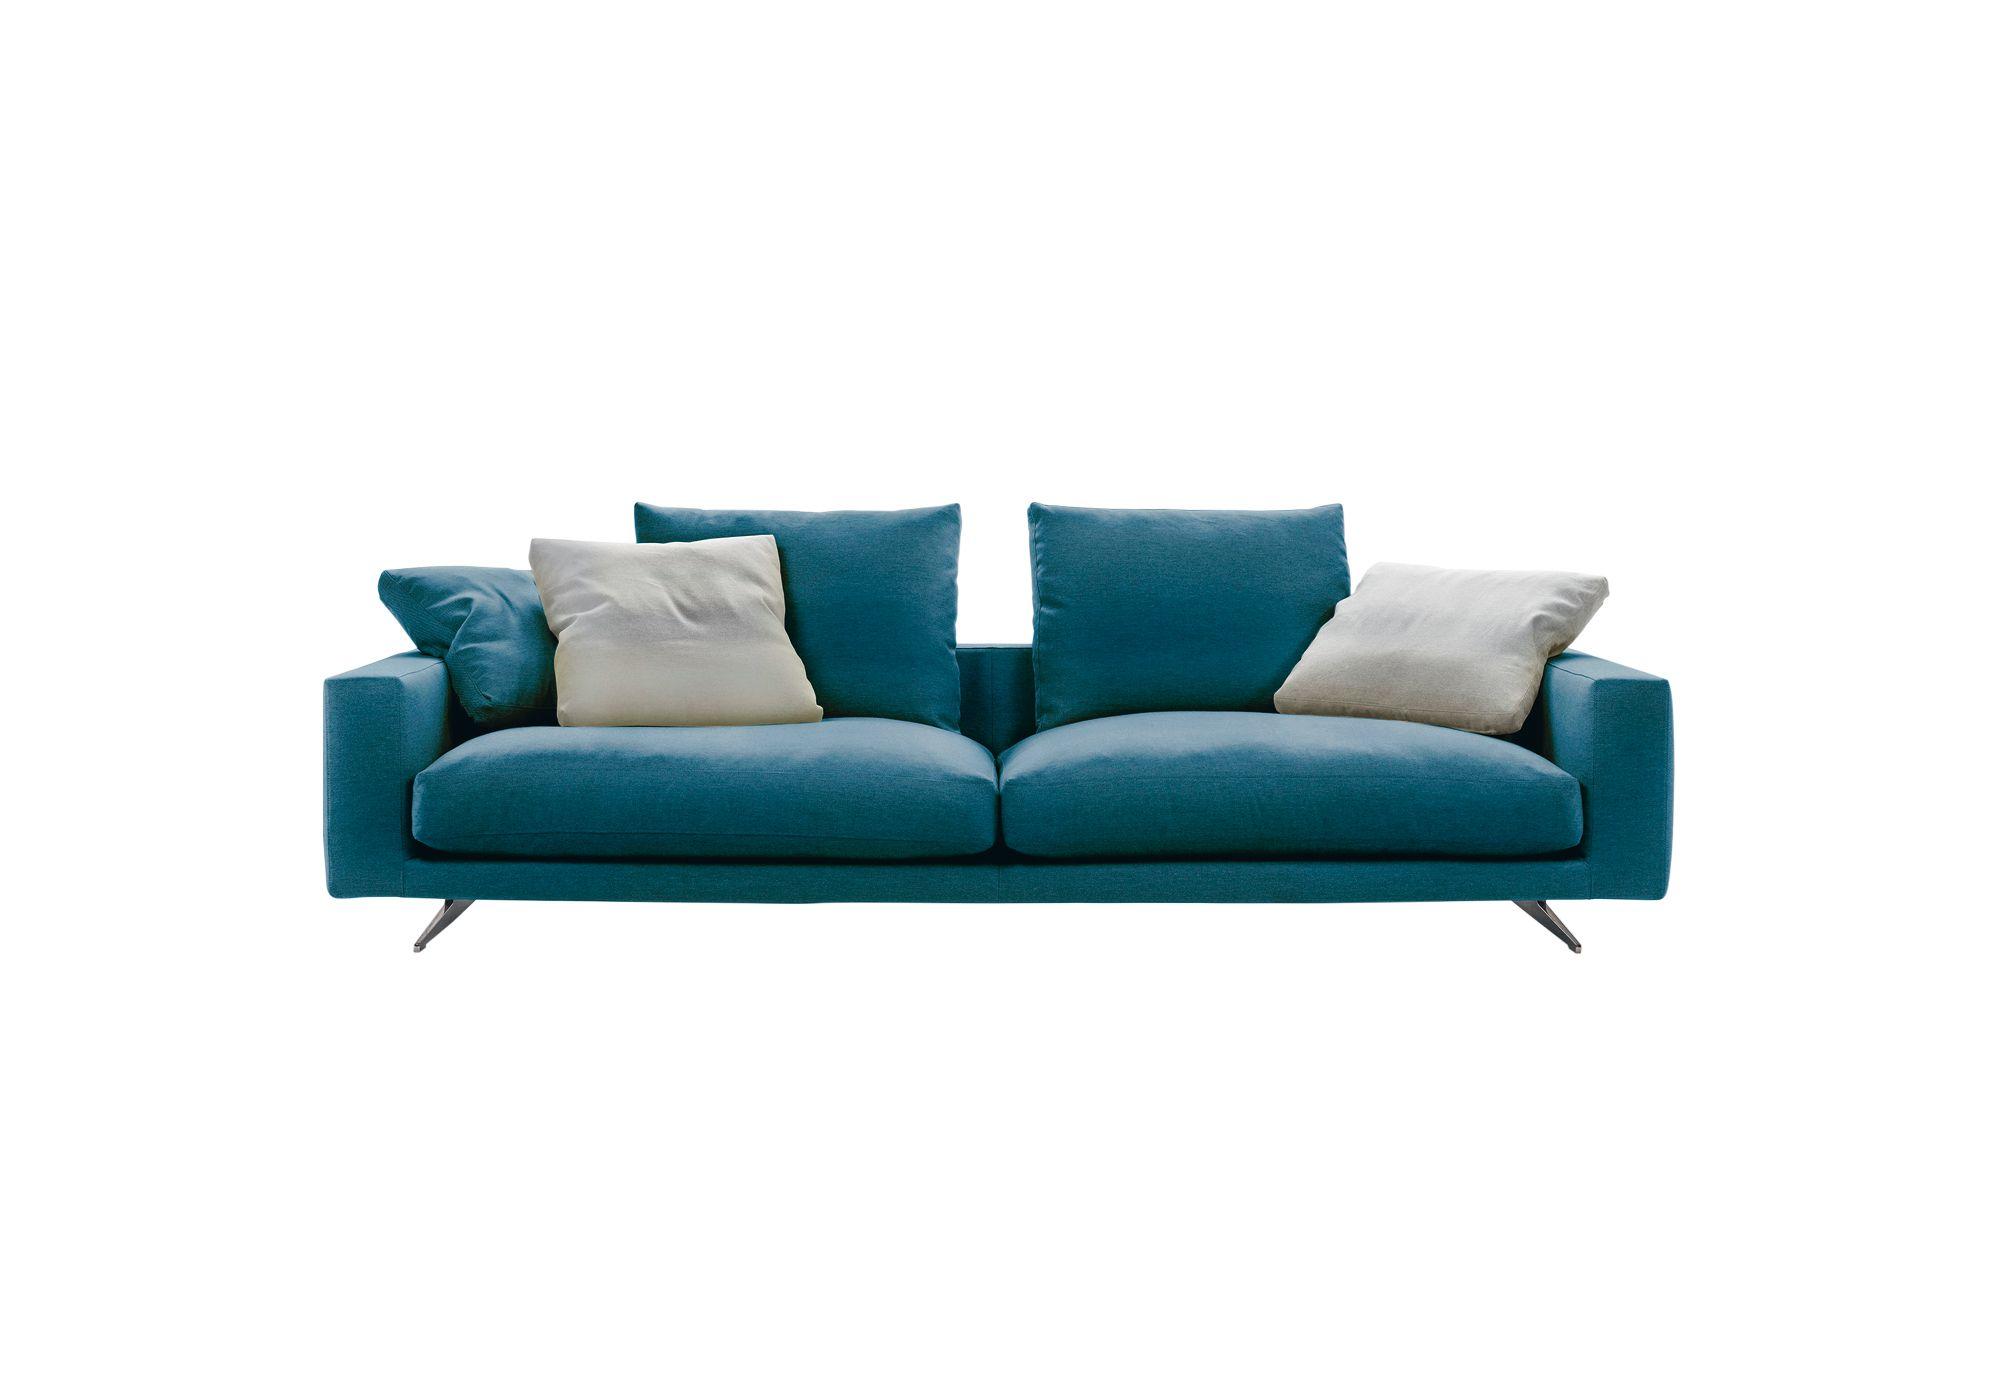 Cerca tutti i prodotti, i produttori ed i rivenditori di divani design: Divani Contemporanei 25 Modelli Di Design Che Apprezzerai